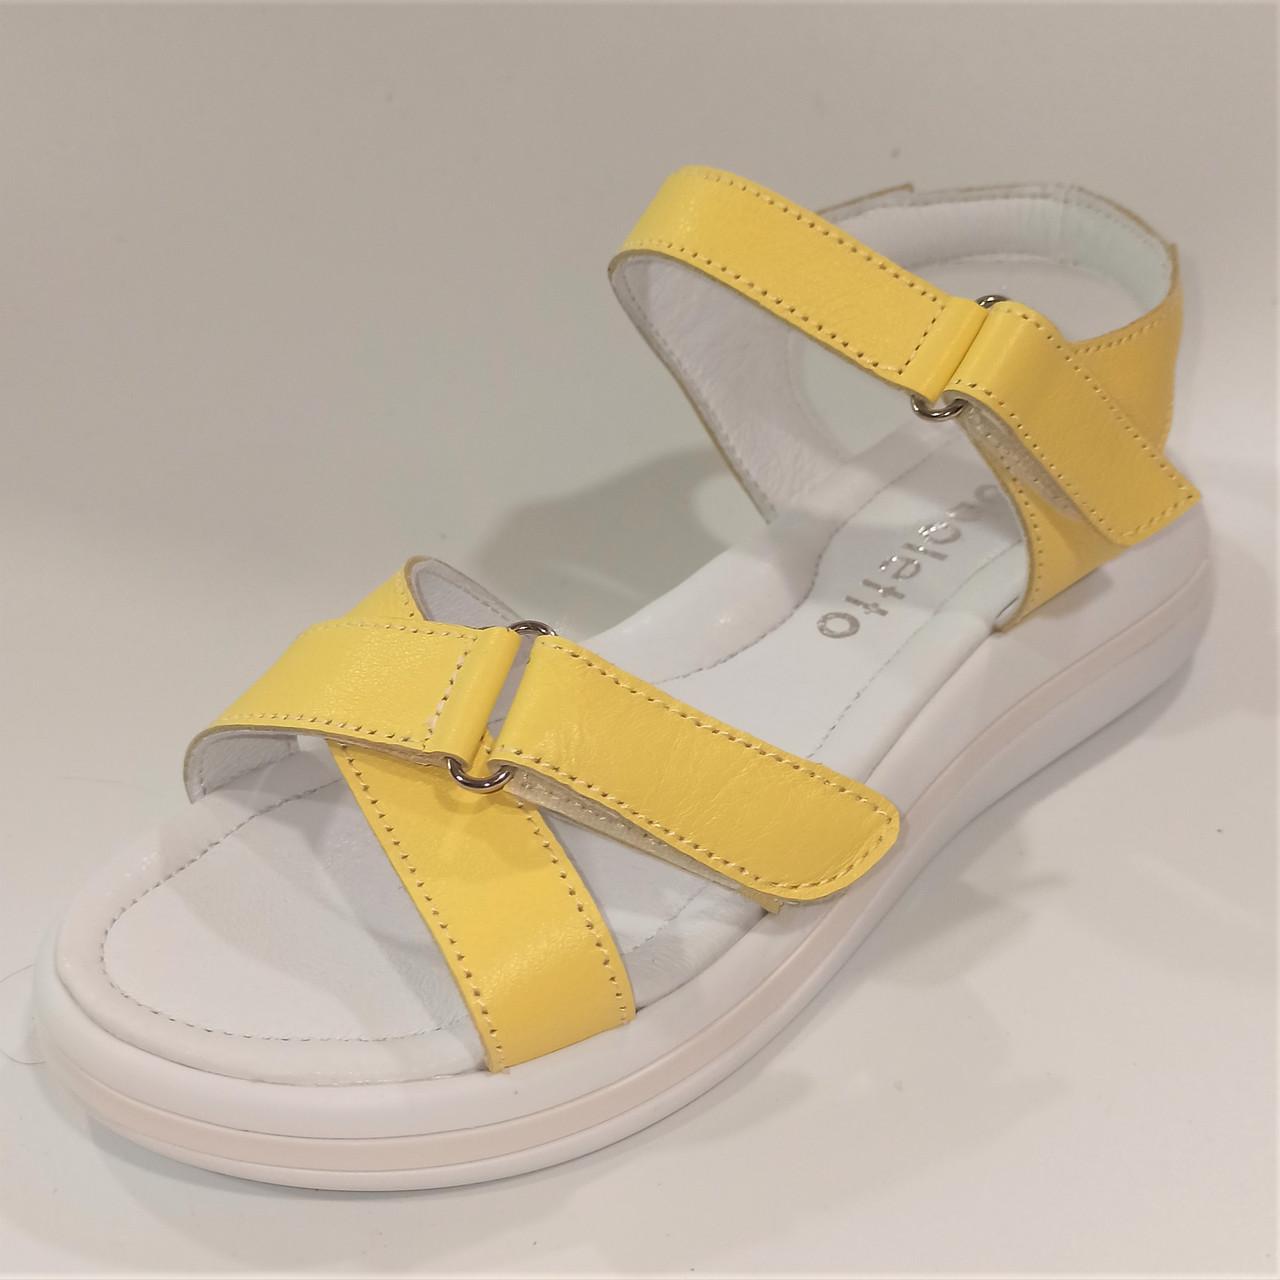 Жіночі босоніжки жовті, Arcoboletto розміри: 34-40